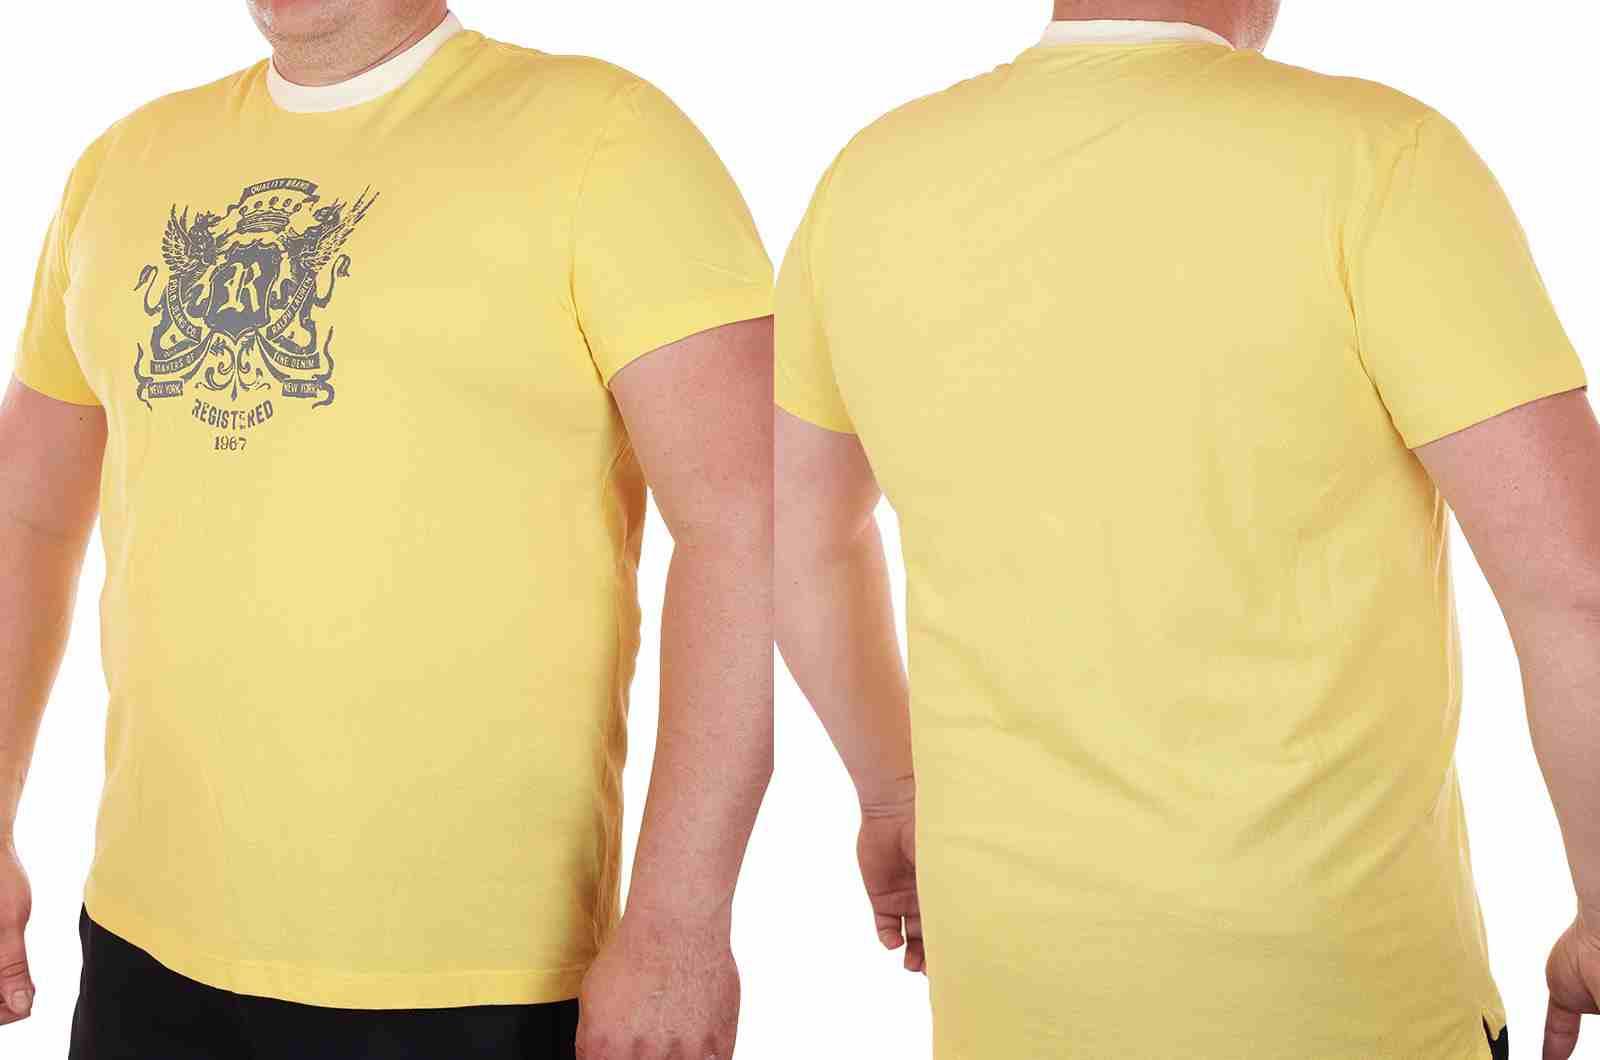 Гламурная футболка Ralph Lauren (США) для модных парней-двойной ракурс